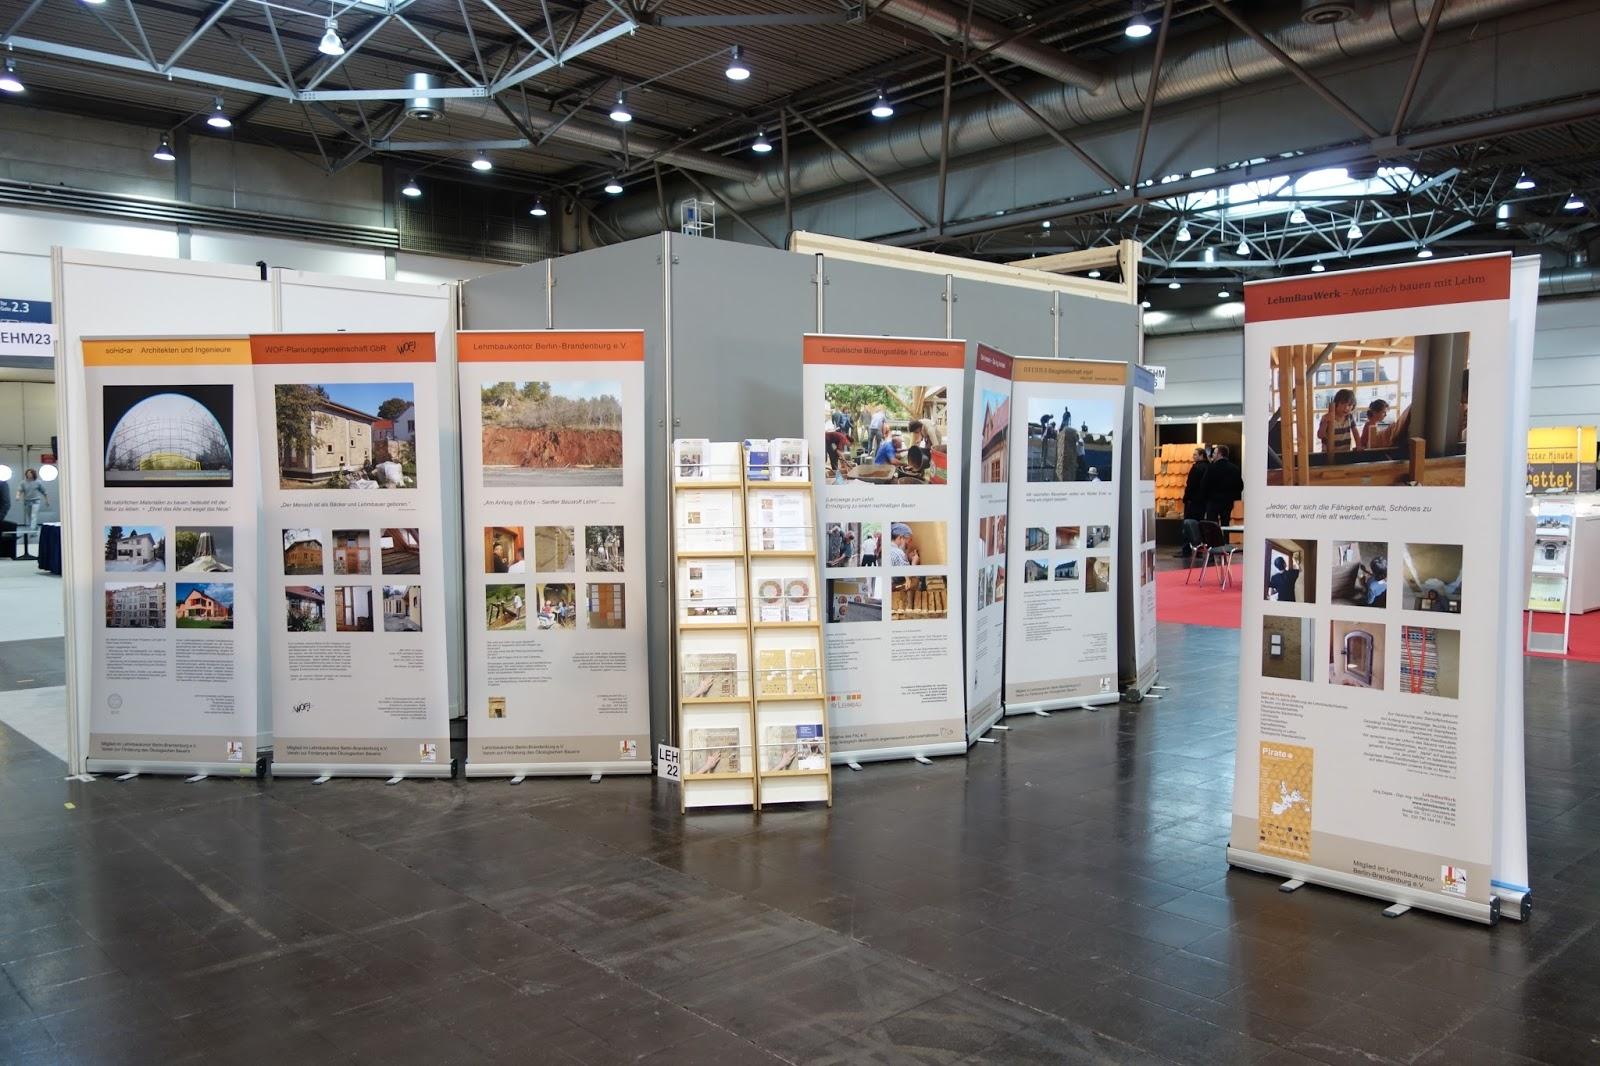 lehmmuseum gnevsdorf aktuelles denkmalmesse und f rderkreis jahresversammlung. Black Bedroom Furniture Sets. Home Design Ideas